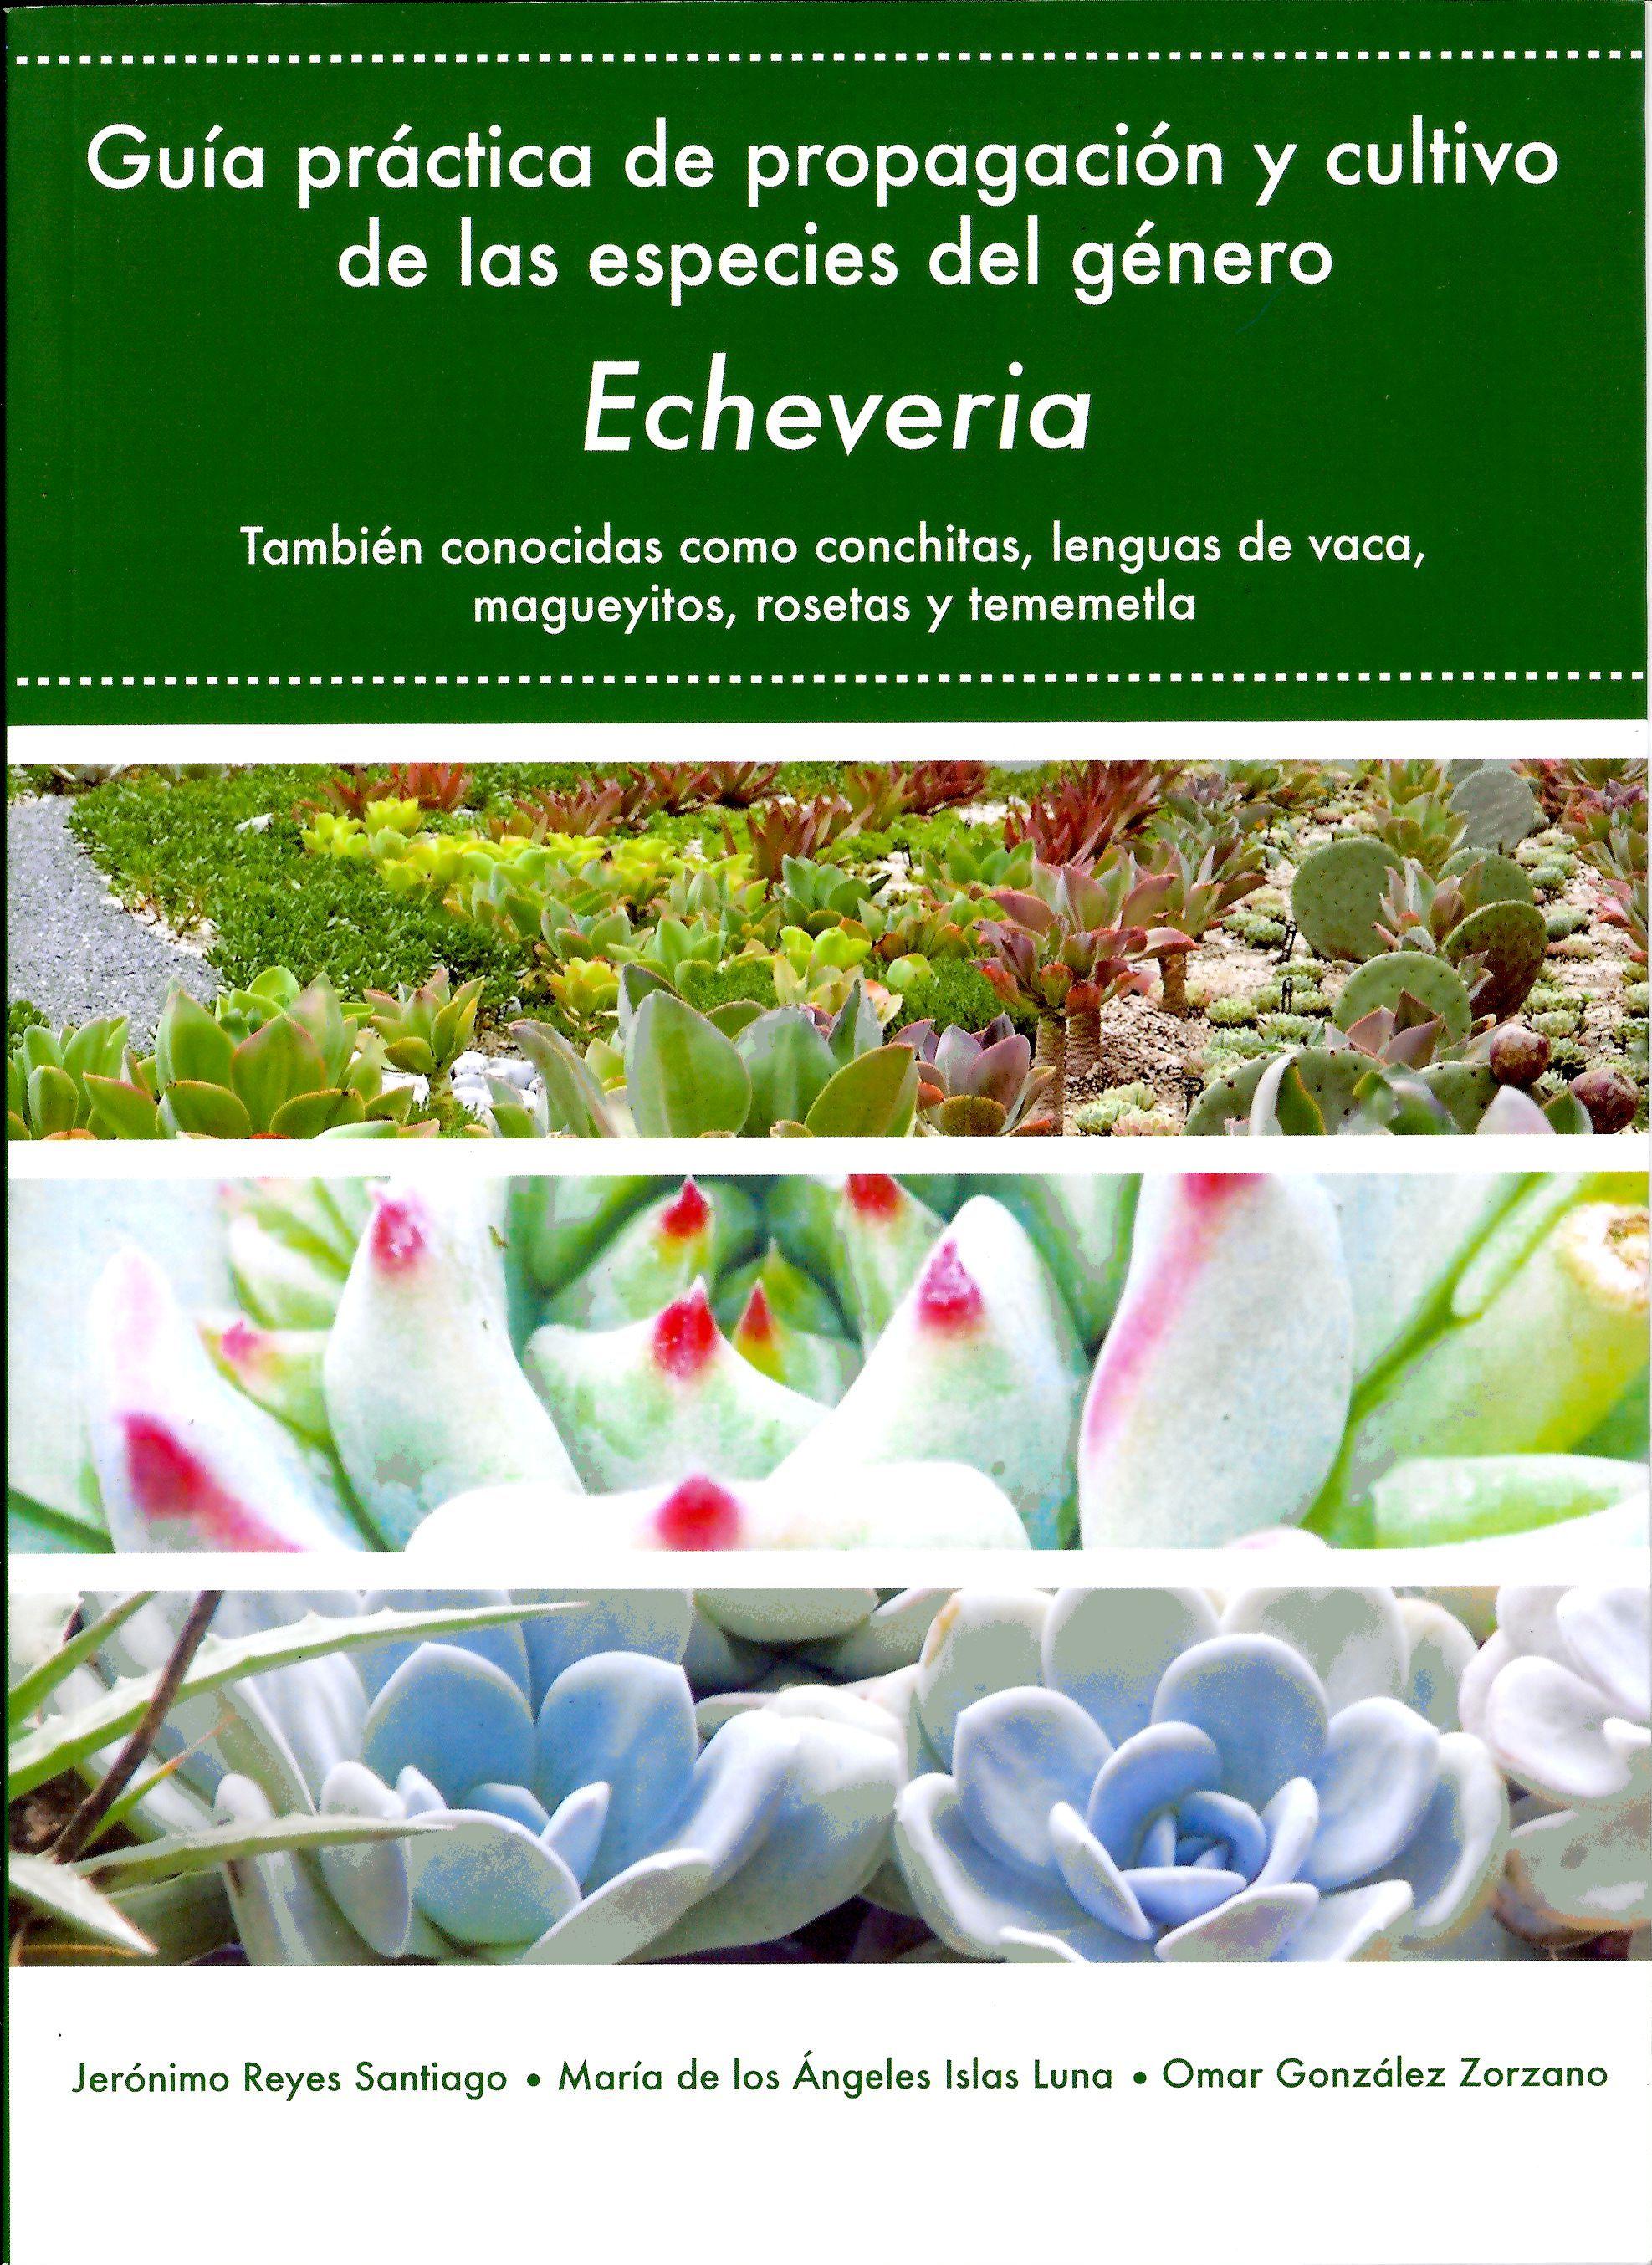 Guía práctica de propagación y cultivo de las especies del género Echeveria.